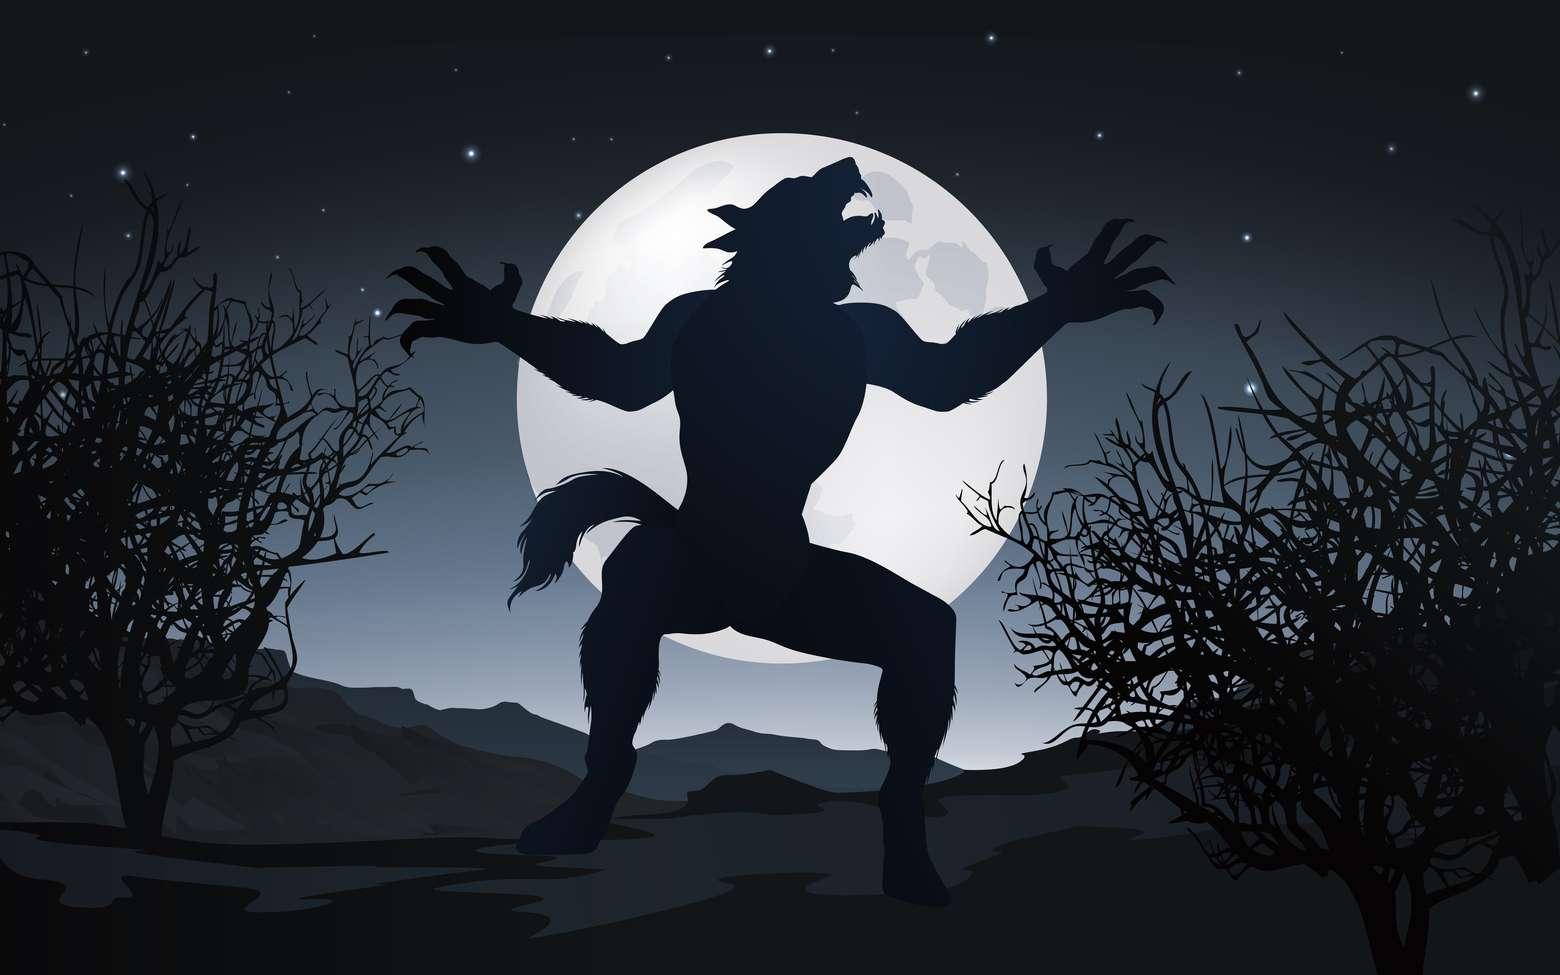 La Pleine Lune apporte des maléfices, libère des monstres, excite les sorcières et rend fous les humains. © pict rider, Fotolia